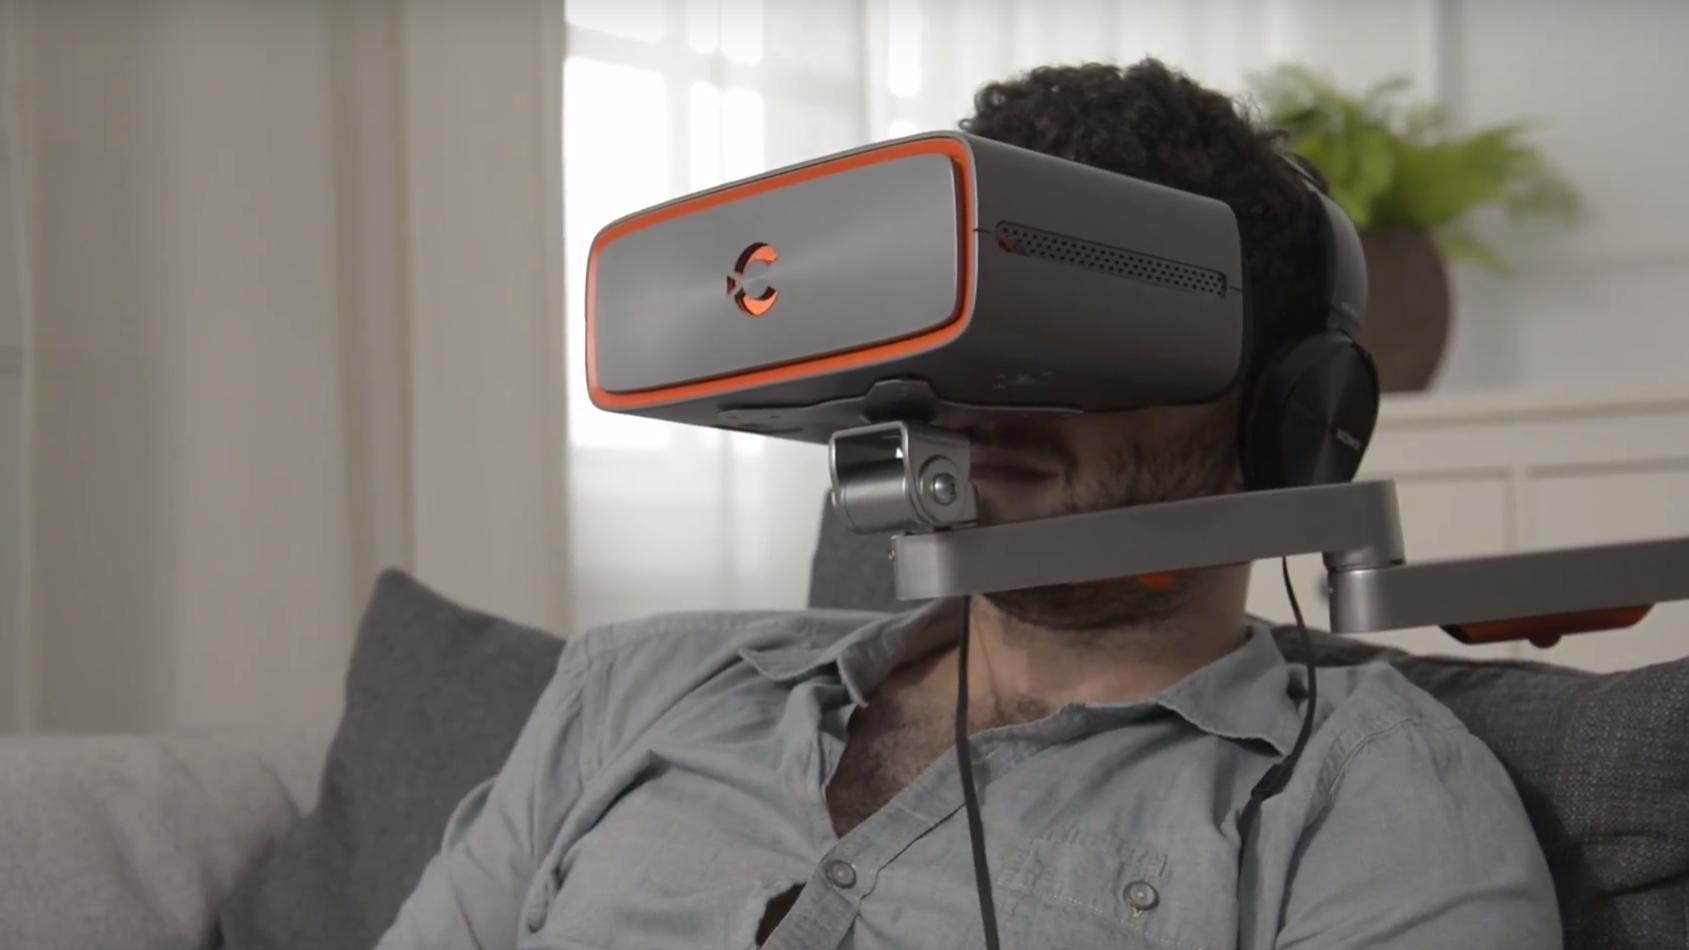 Disse svære brillene skal gi deg IMAX-opplevelse i stua